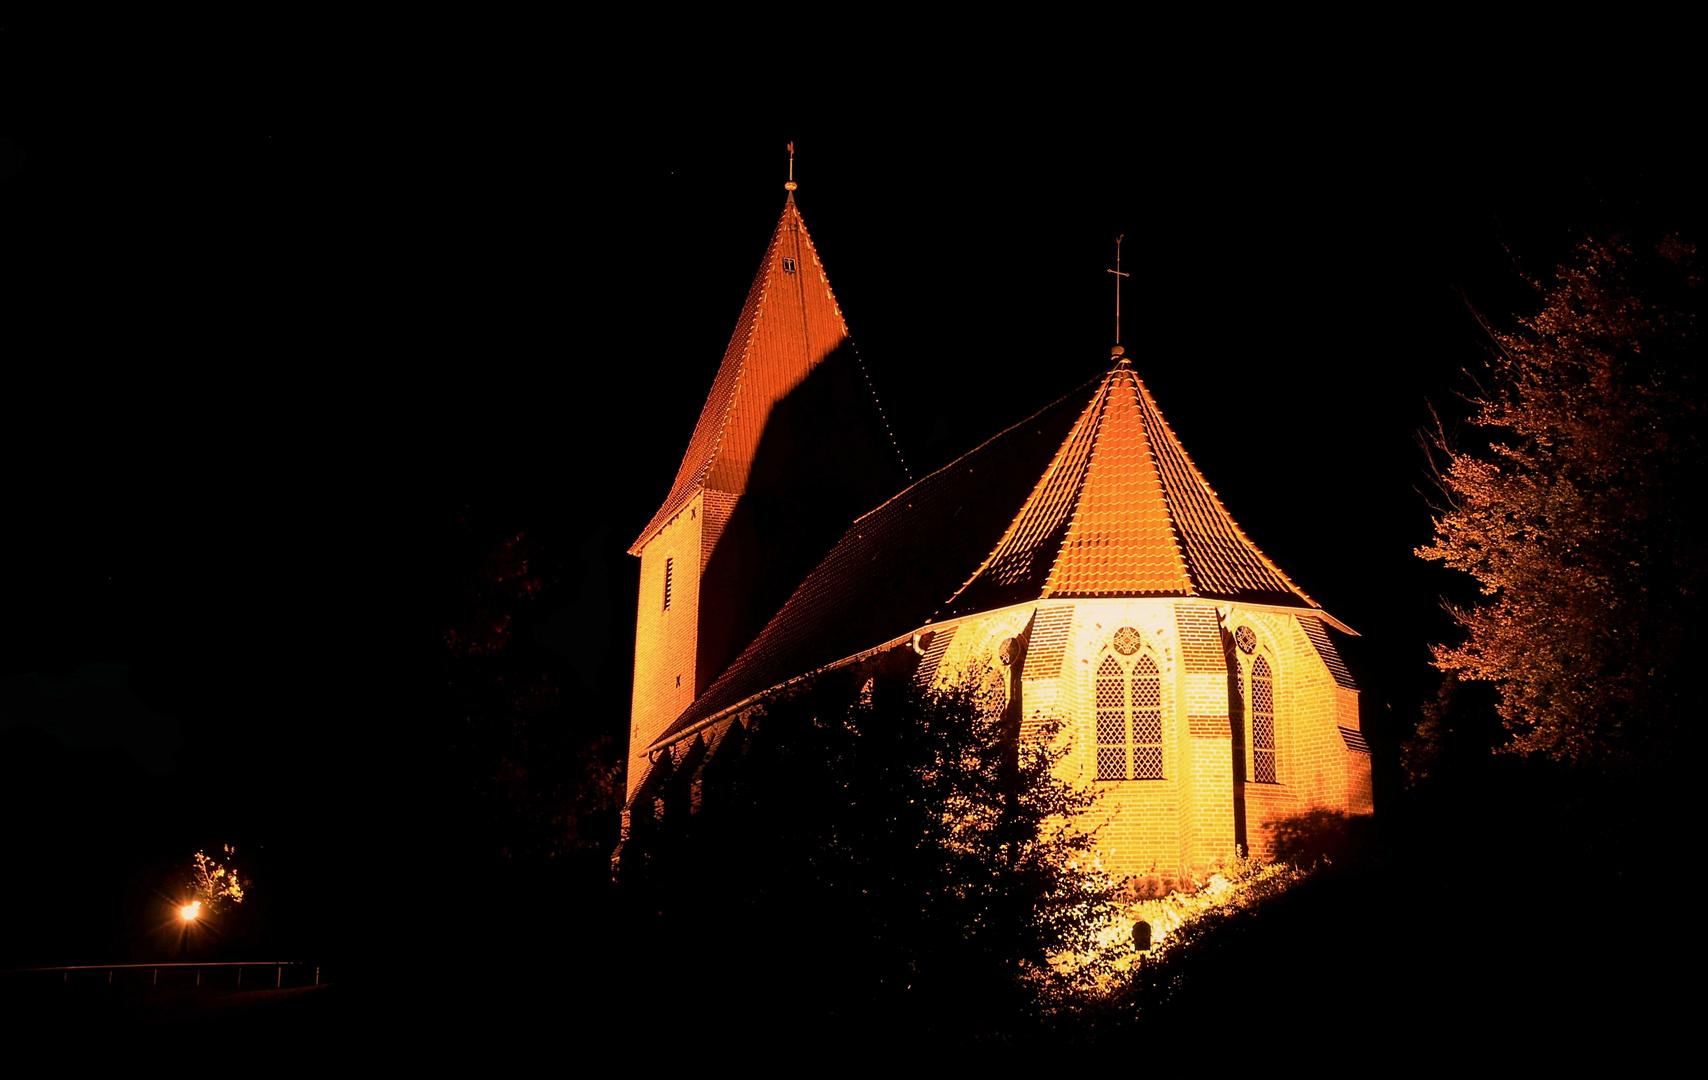 Wenn es Nacht wird im Dorf, ...